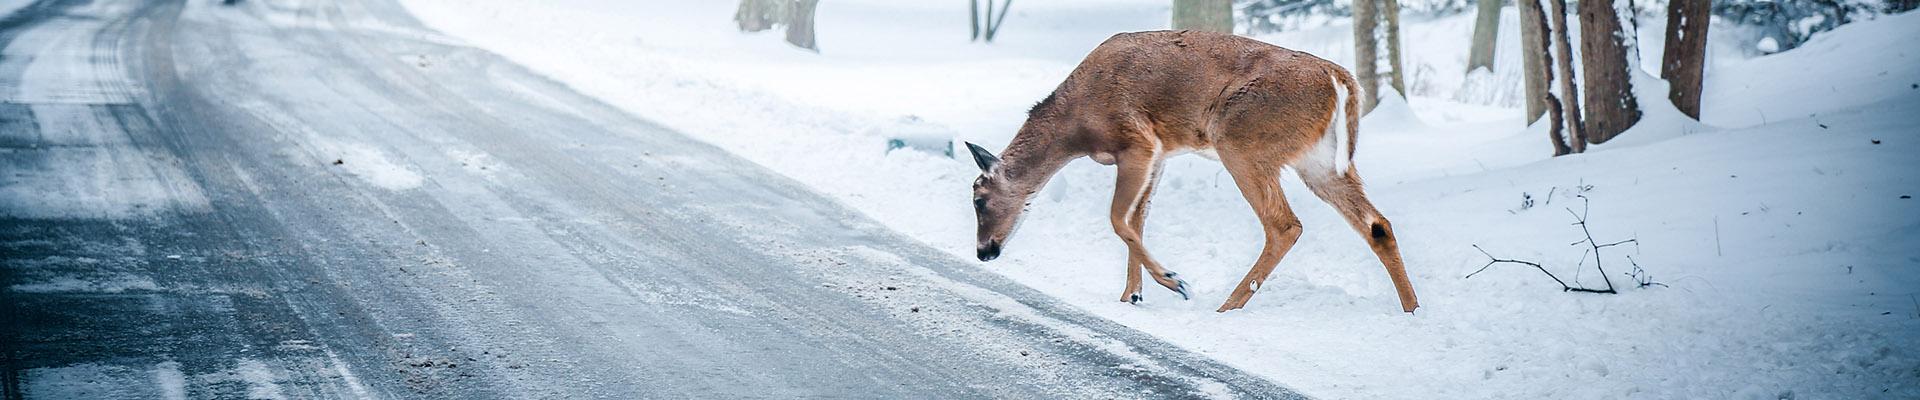 Sneeuwkettingen voor de Toyota RAV4